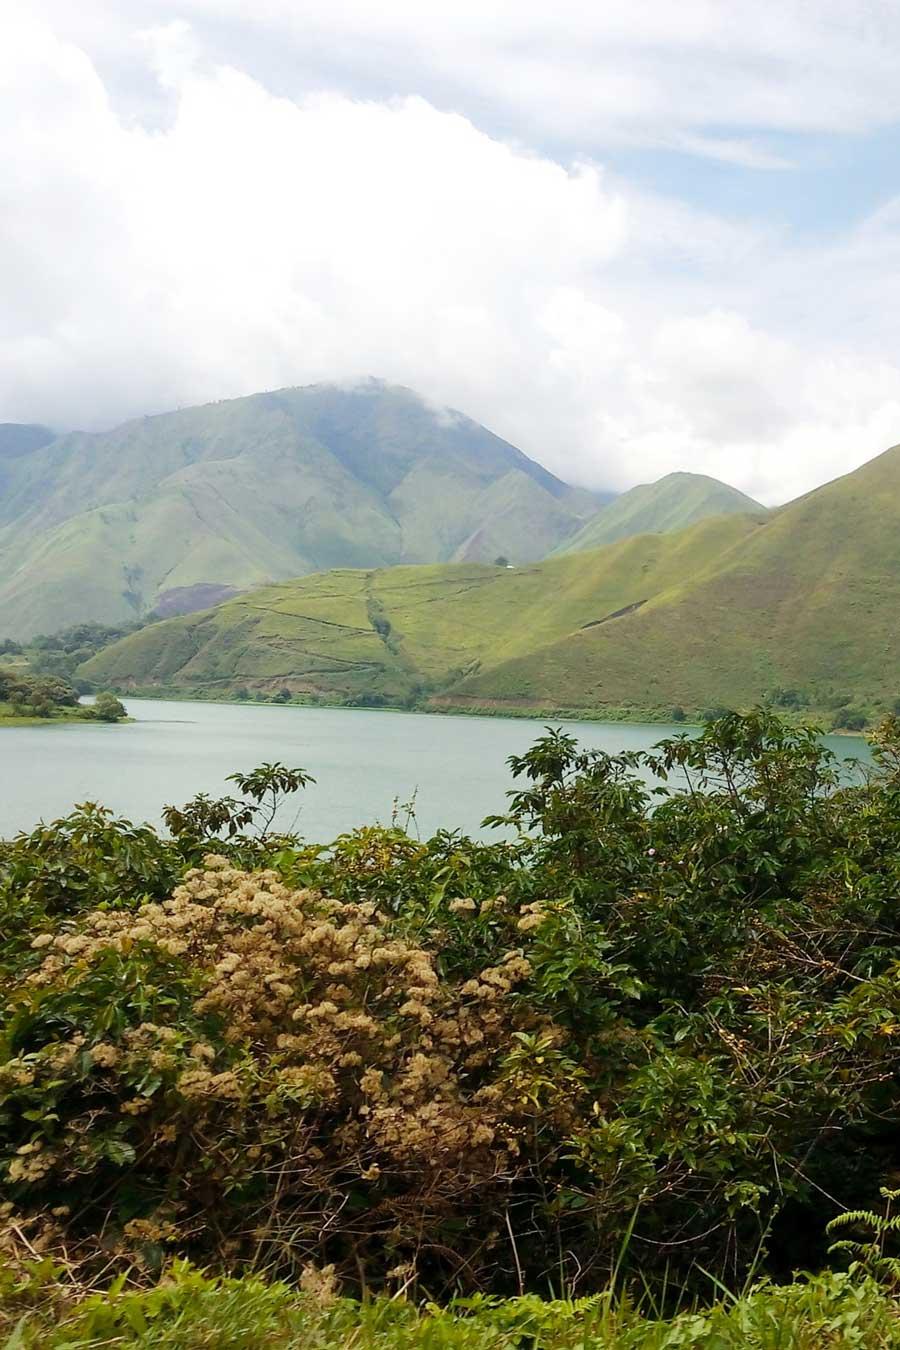 Paysage autour du lac Toba, à Sumatra, en Indonésie, photo de Leontopodium72